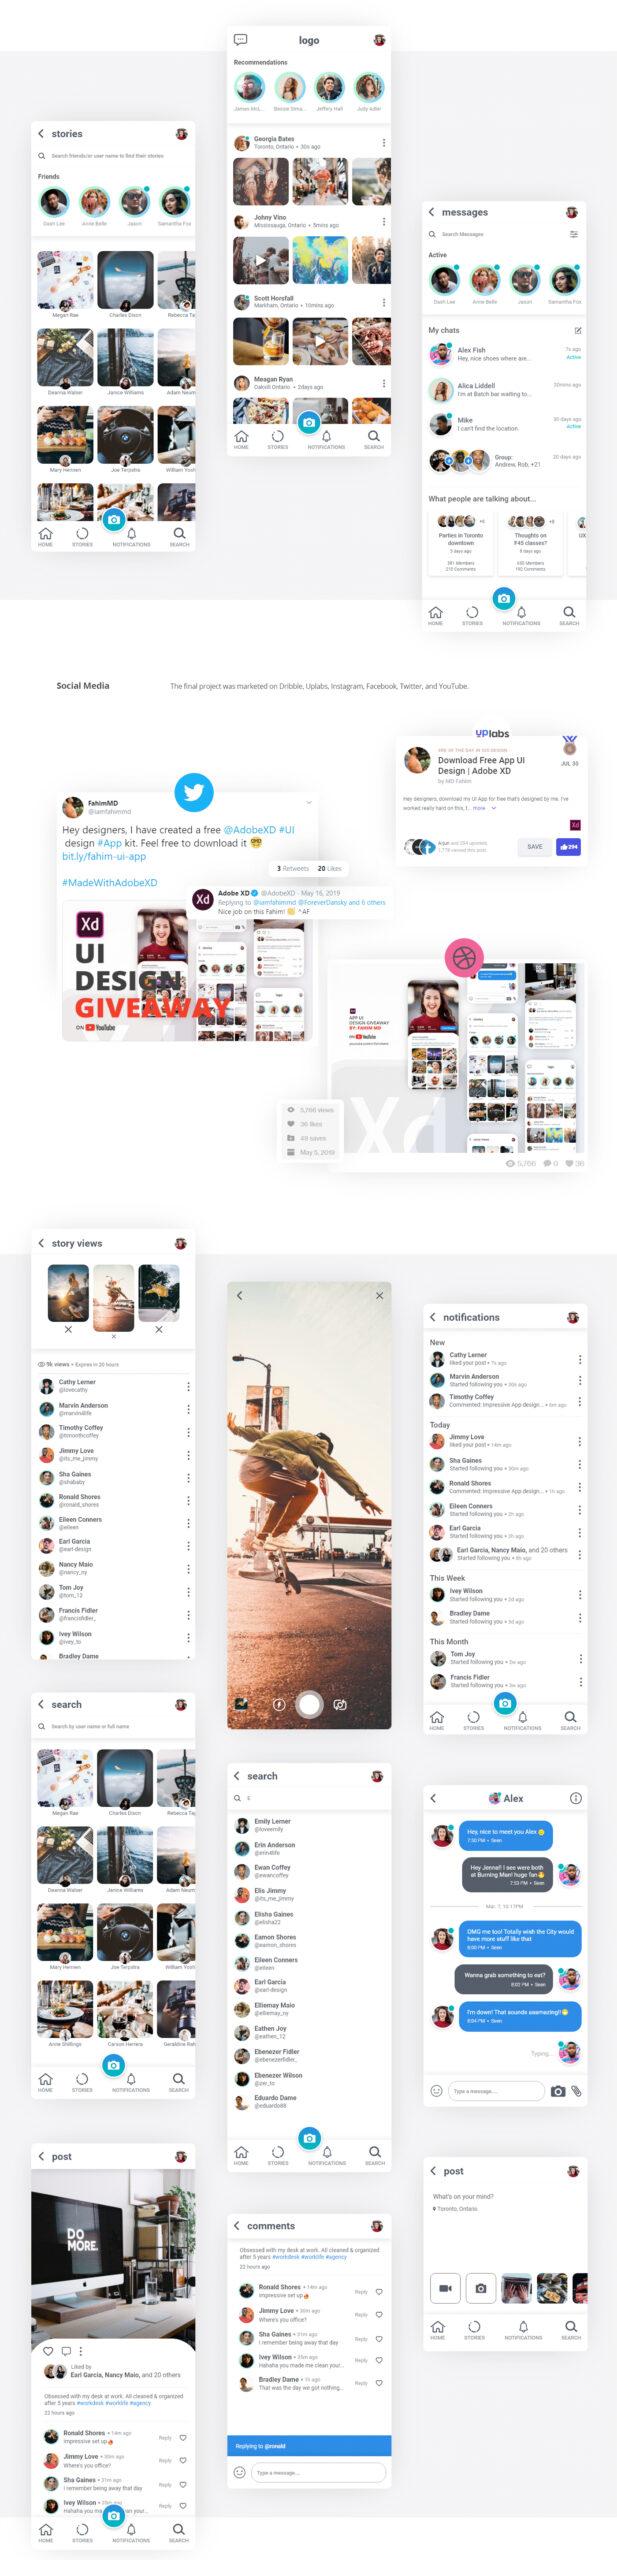 免费社交媒体APP用户界面套件插图1